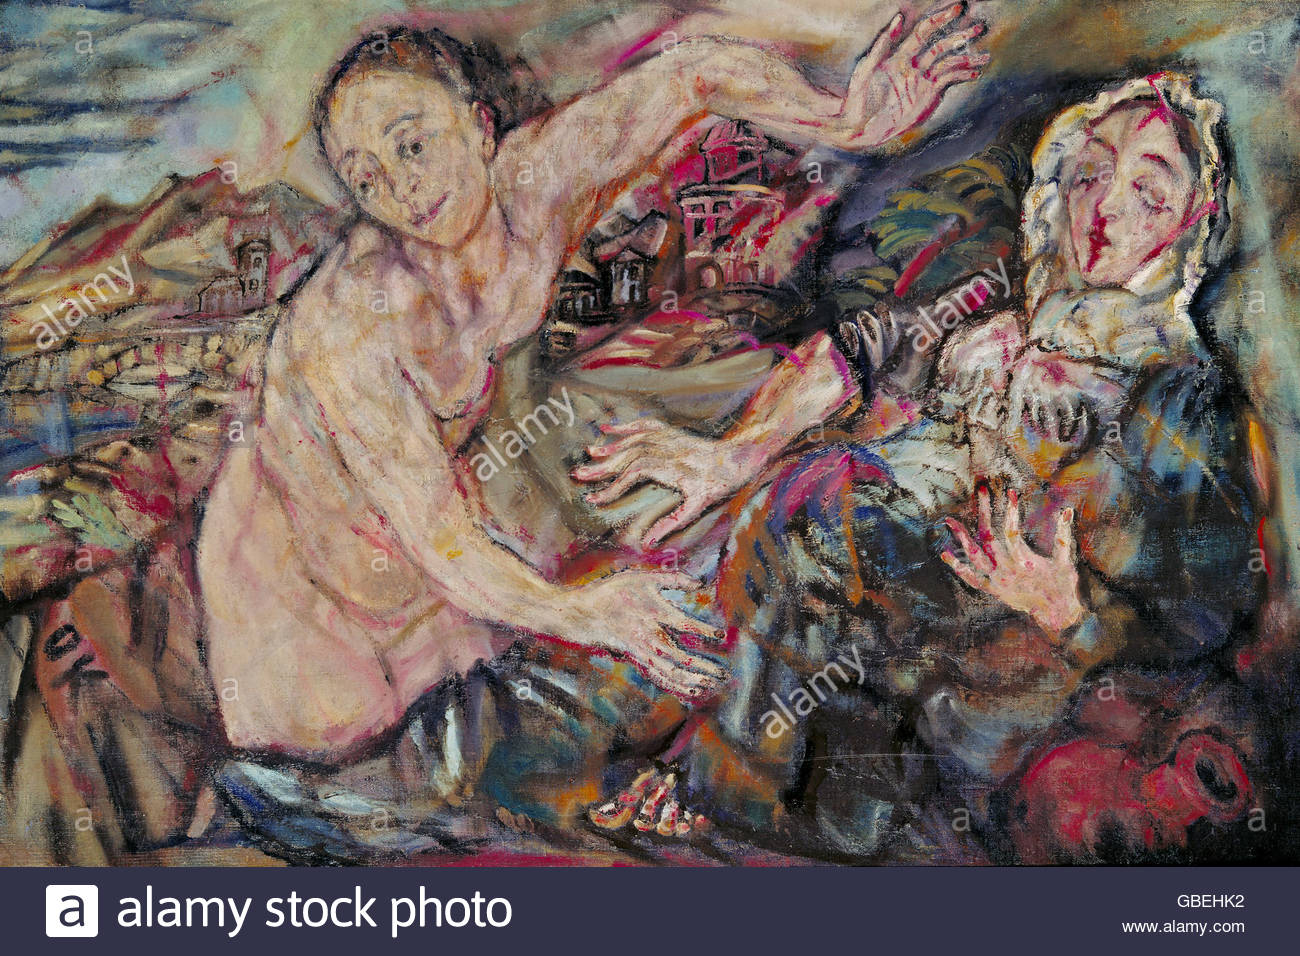 Künstler Dortmund bildende kunst kokoschka oskar 1886 1980 malerei verkündigung